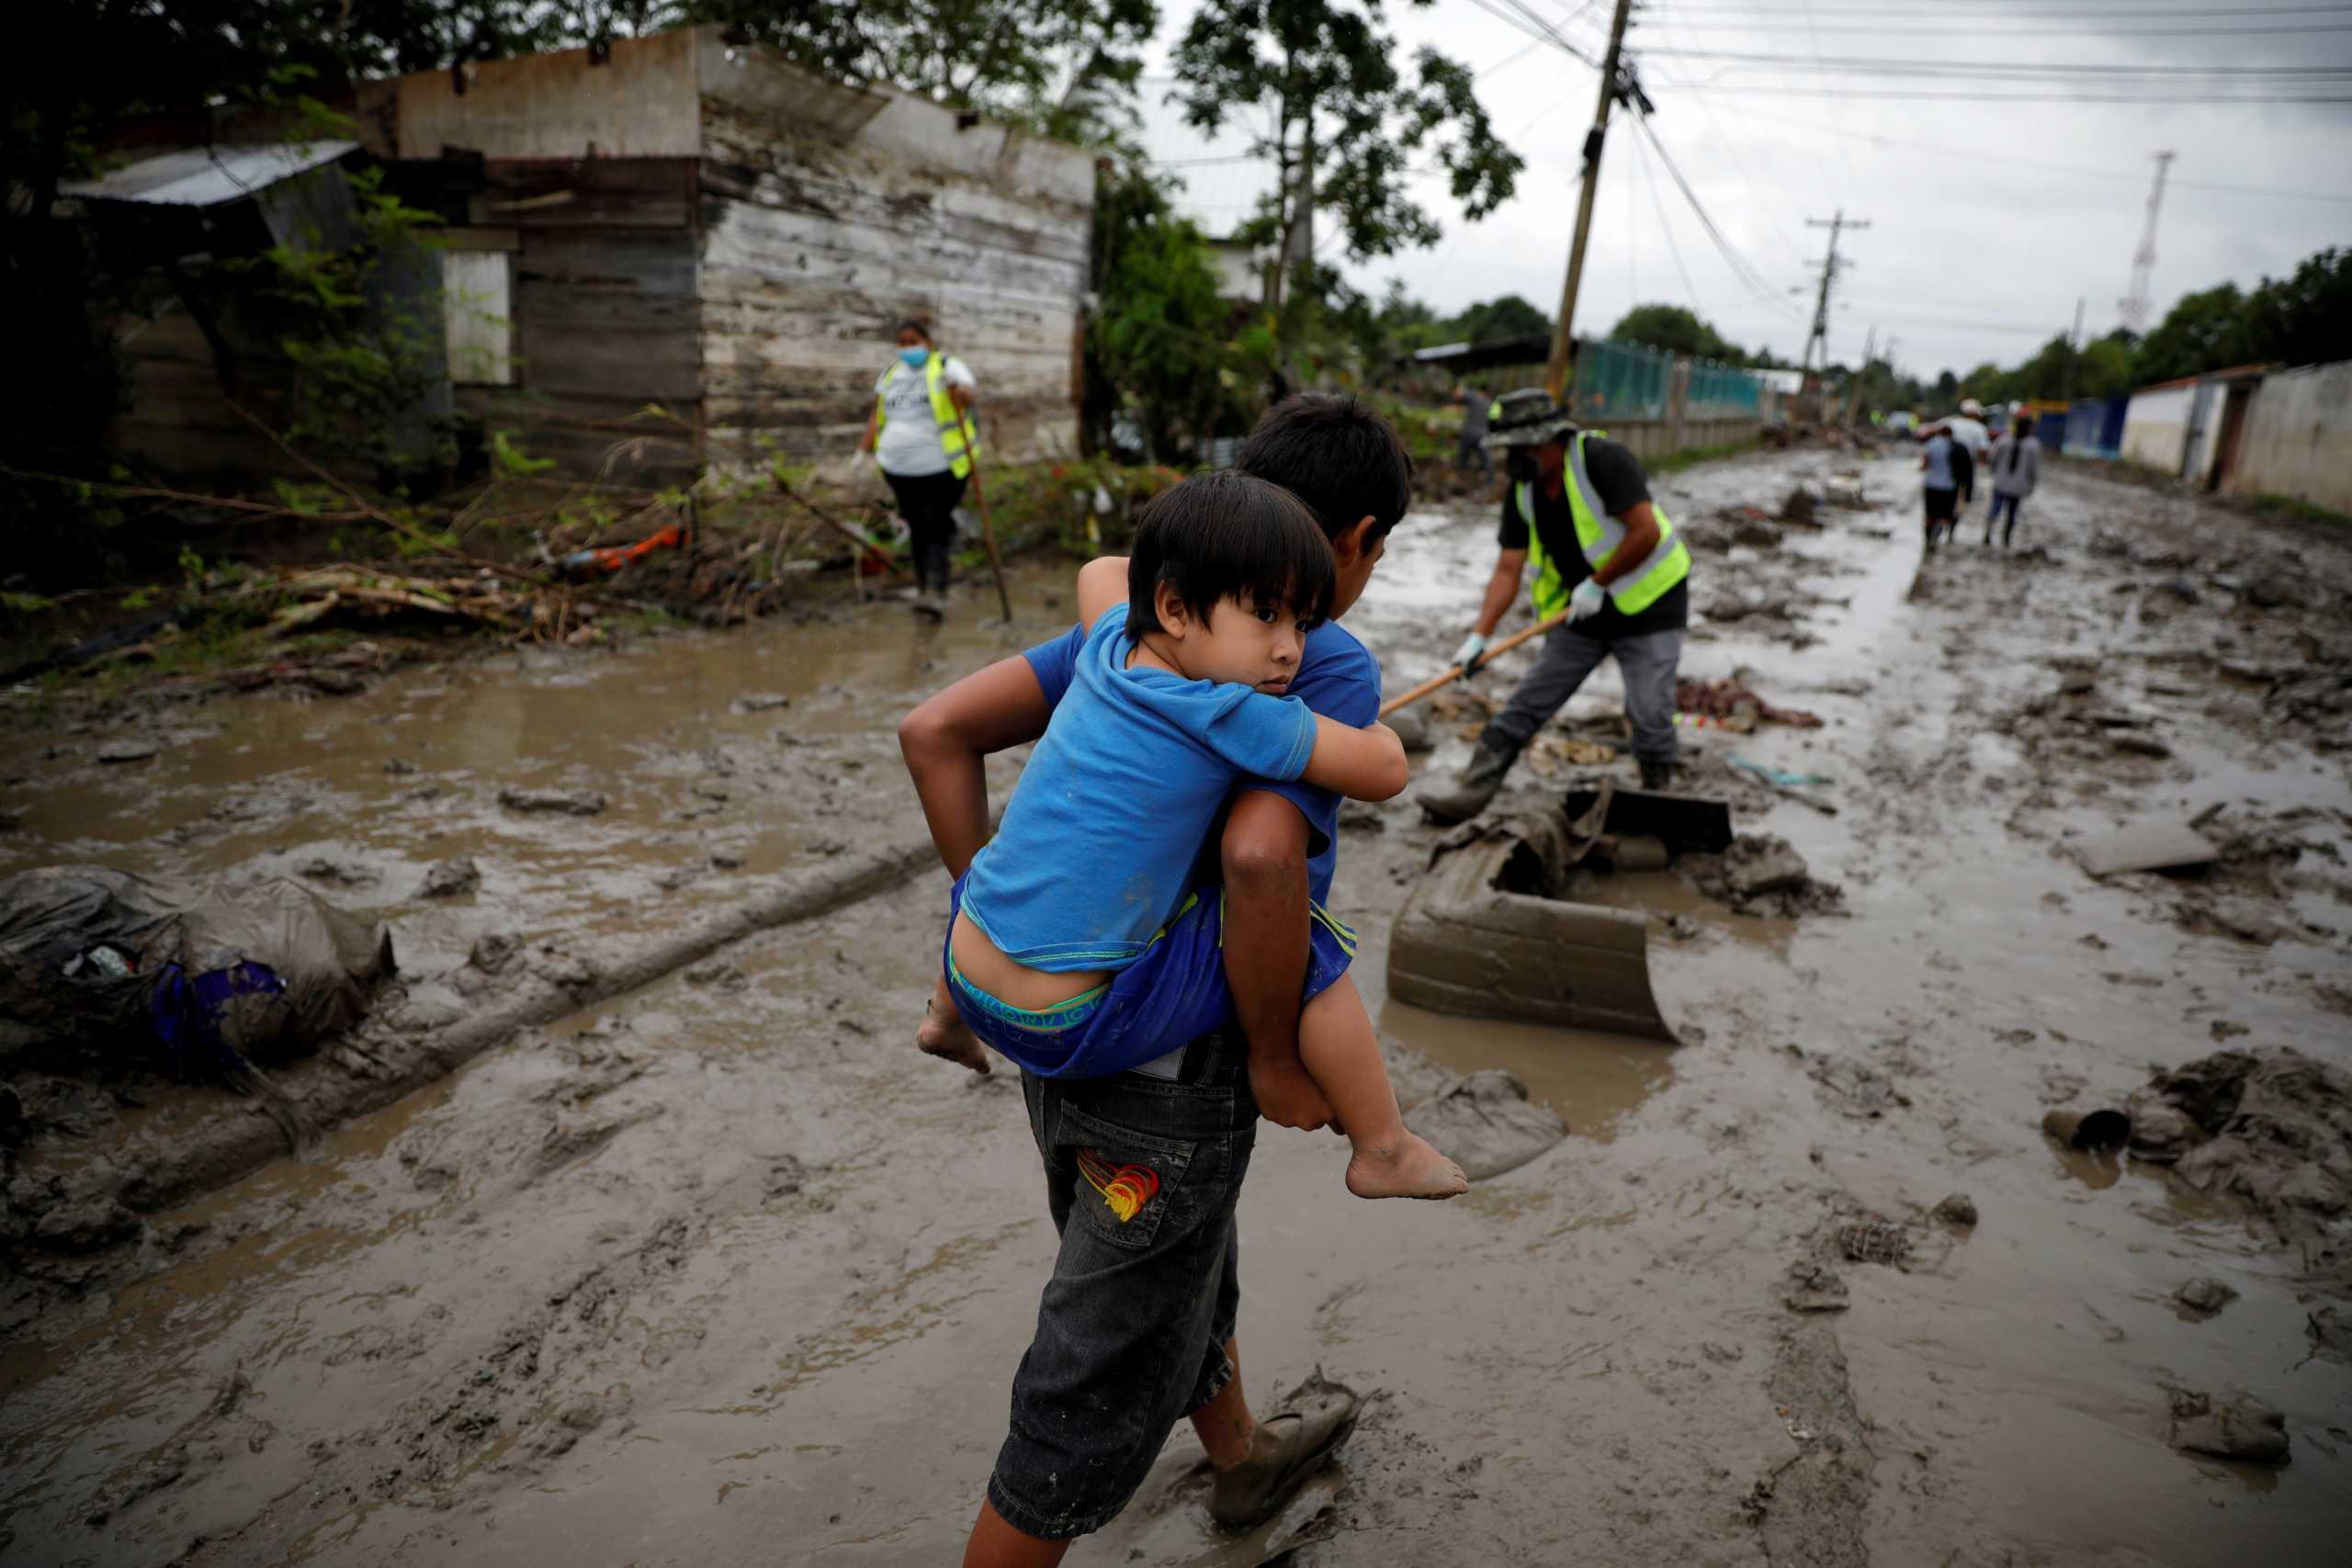 Κραυγή αγωνίας για 10 εκατ. ανθρώπους που χρειάζονται ανθρωπιστική βοήθεια